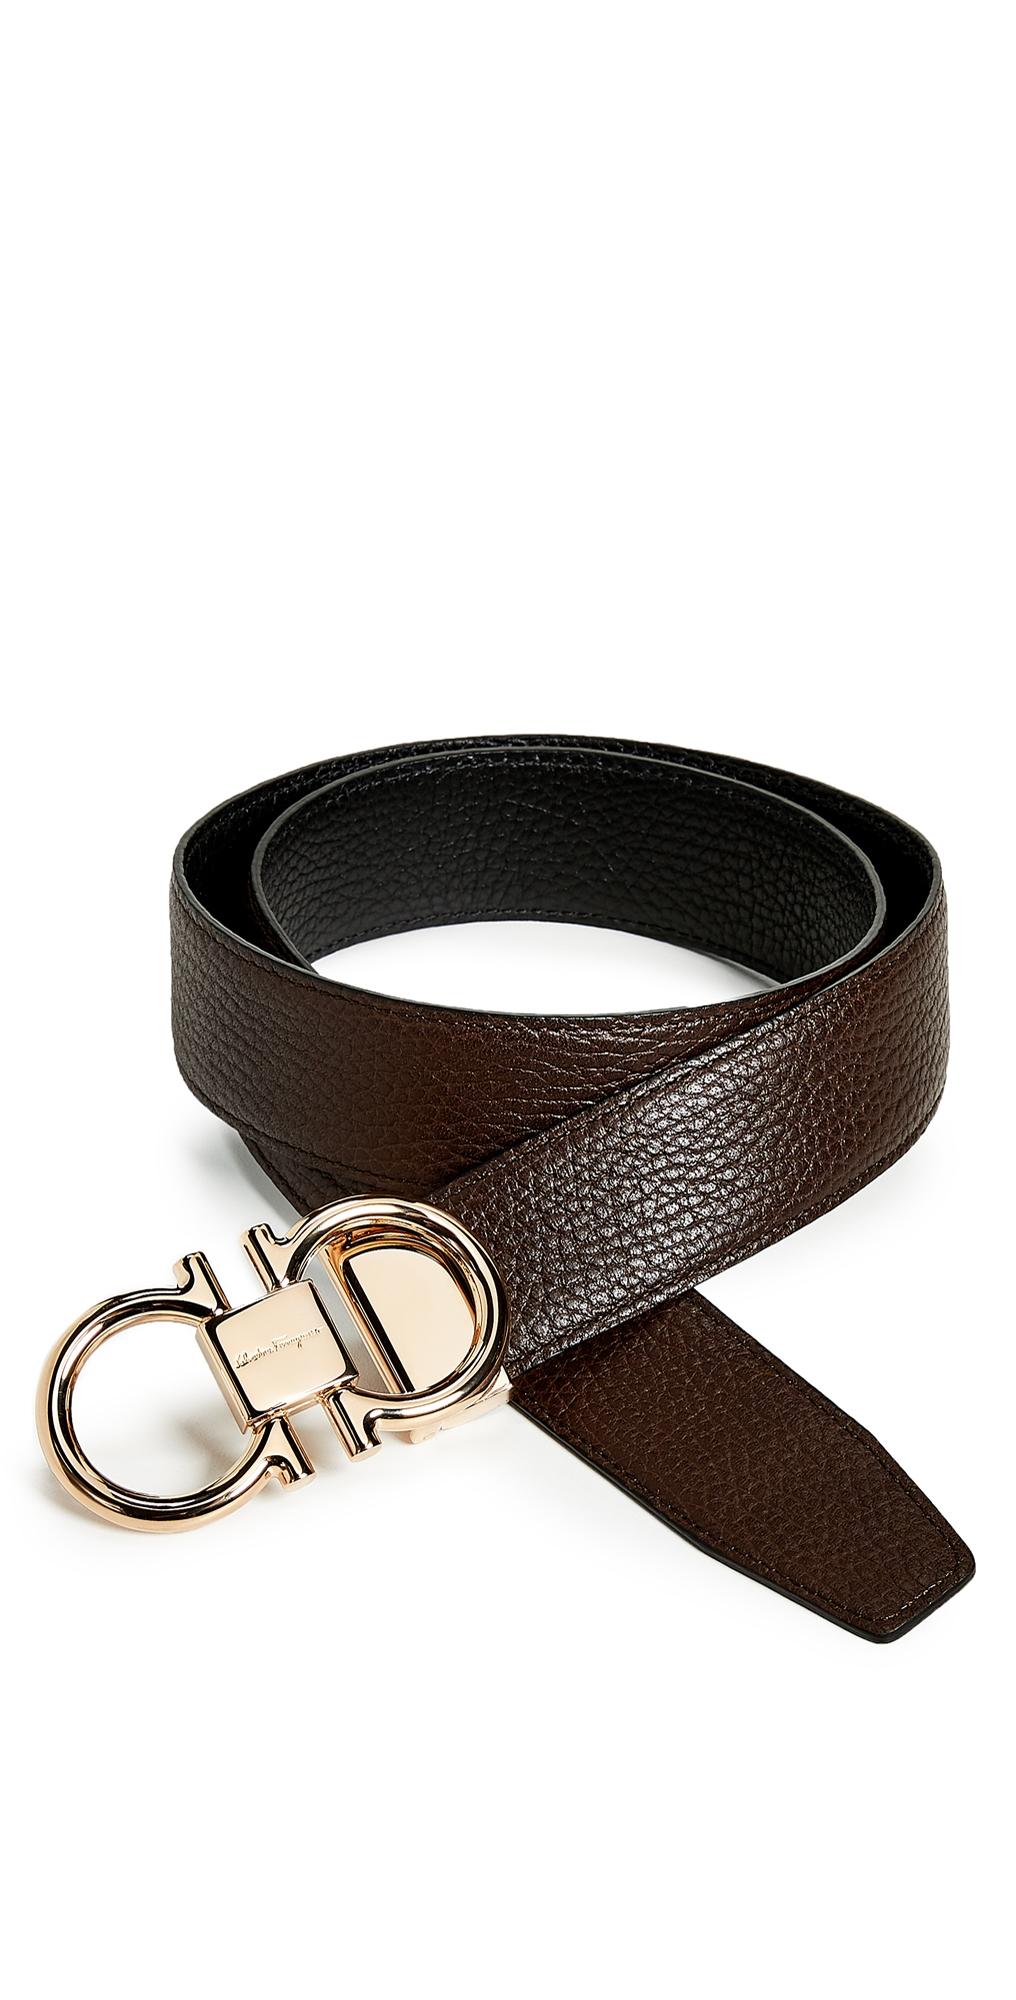 Salvatore Ferragamo Rose Gold Double Gancio Reversible Belt